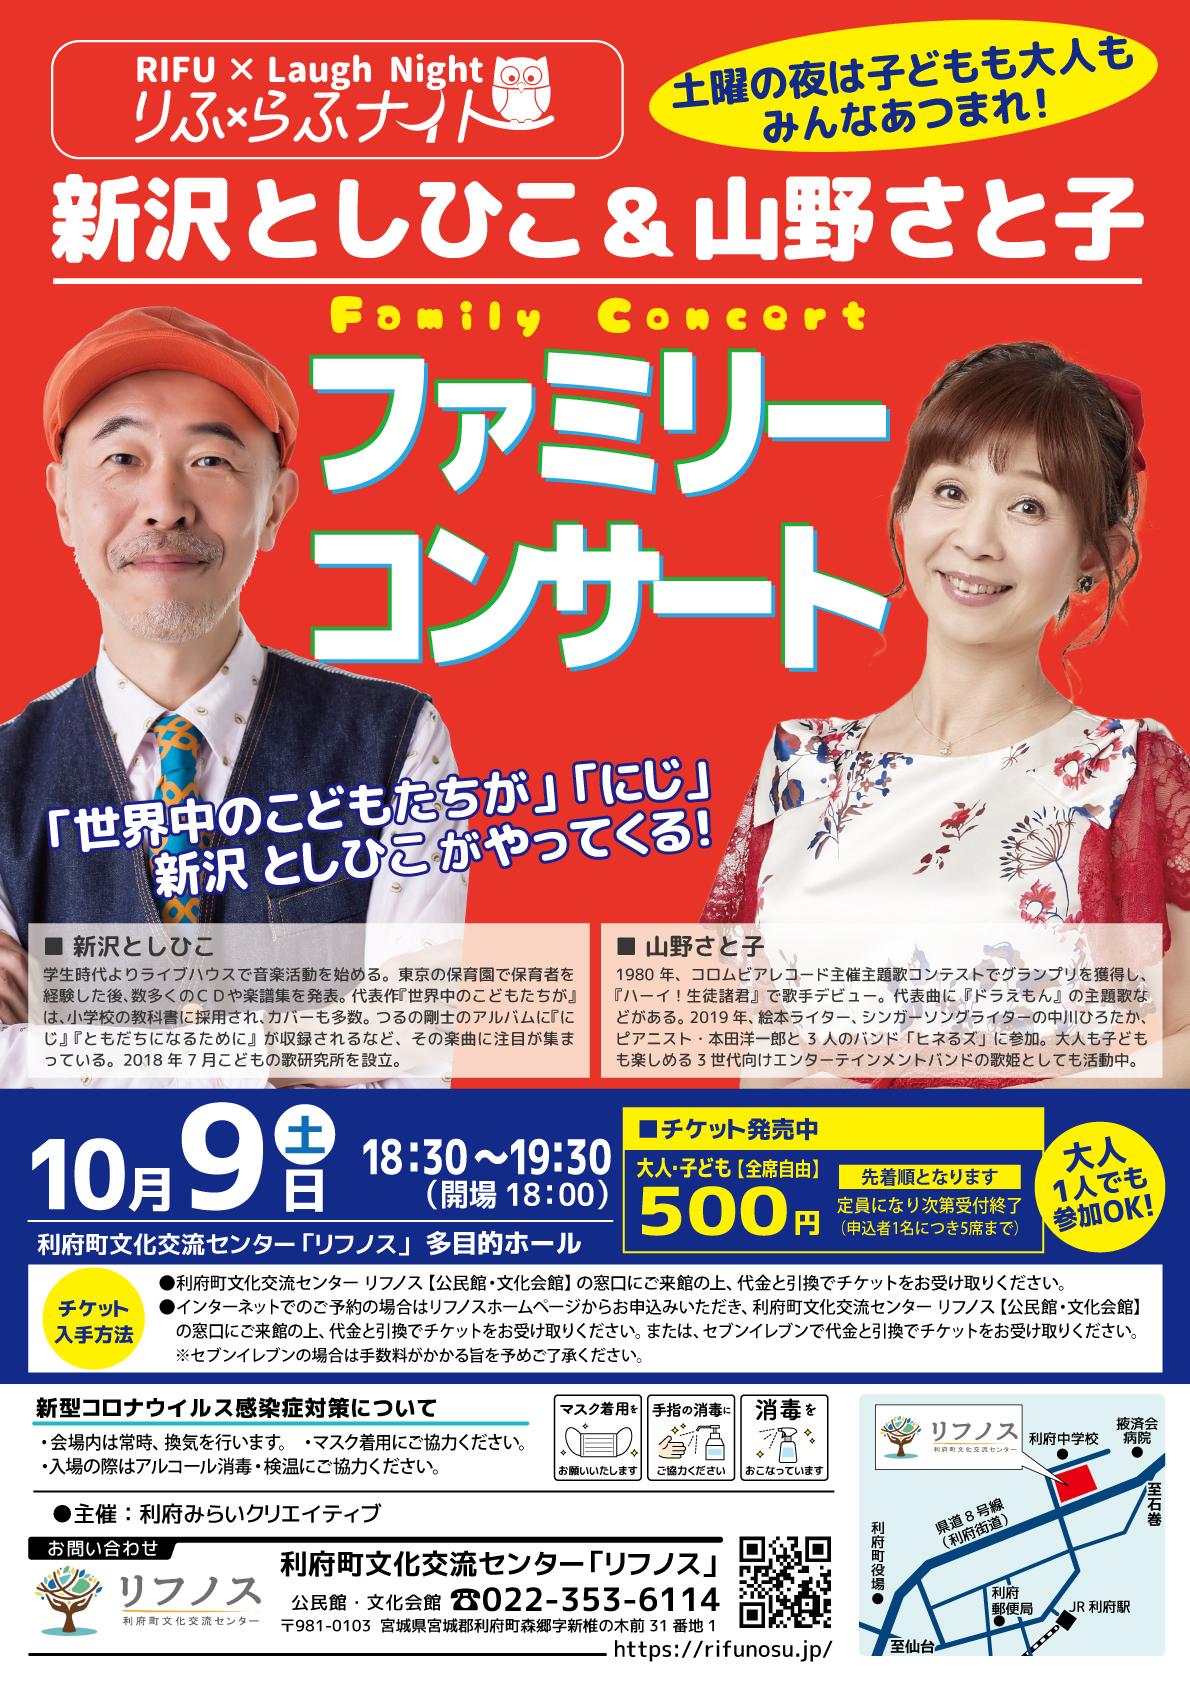 新沢としひこ&山野さと子「ファミリーコンサート」